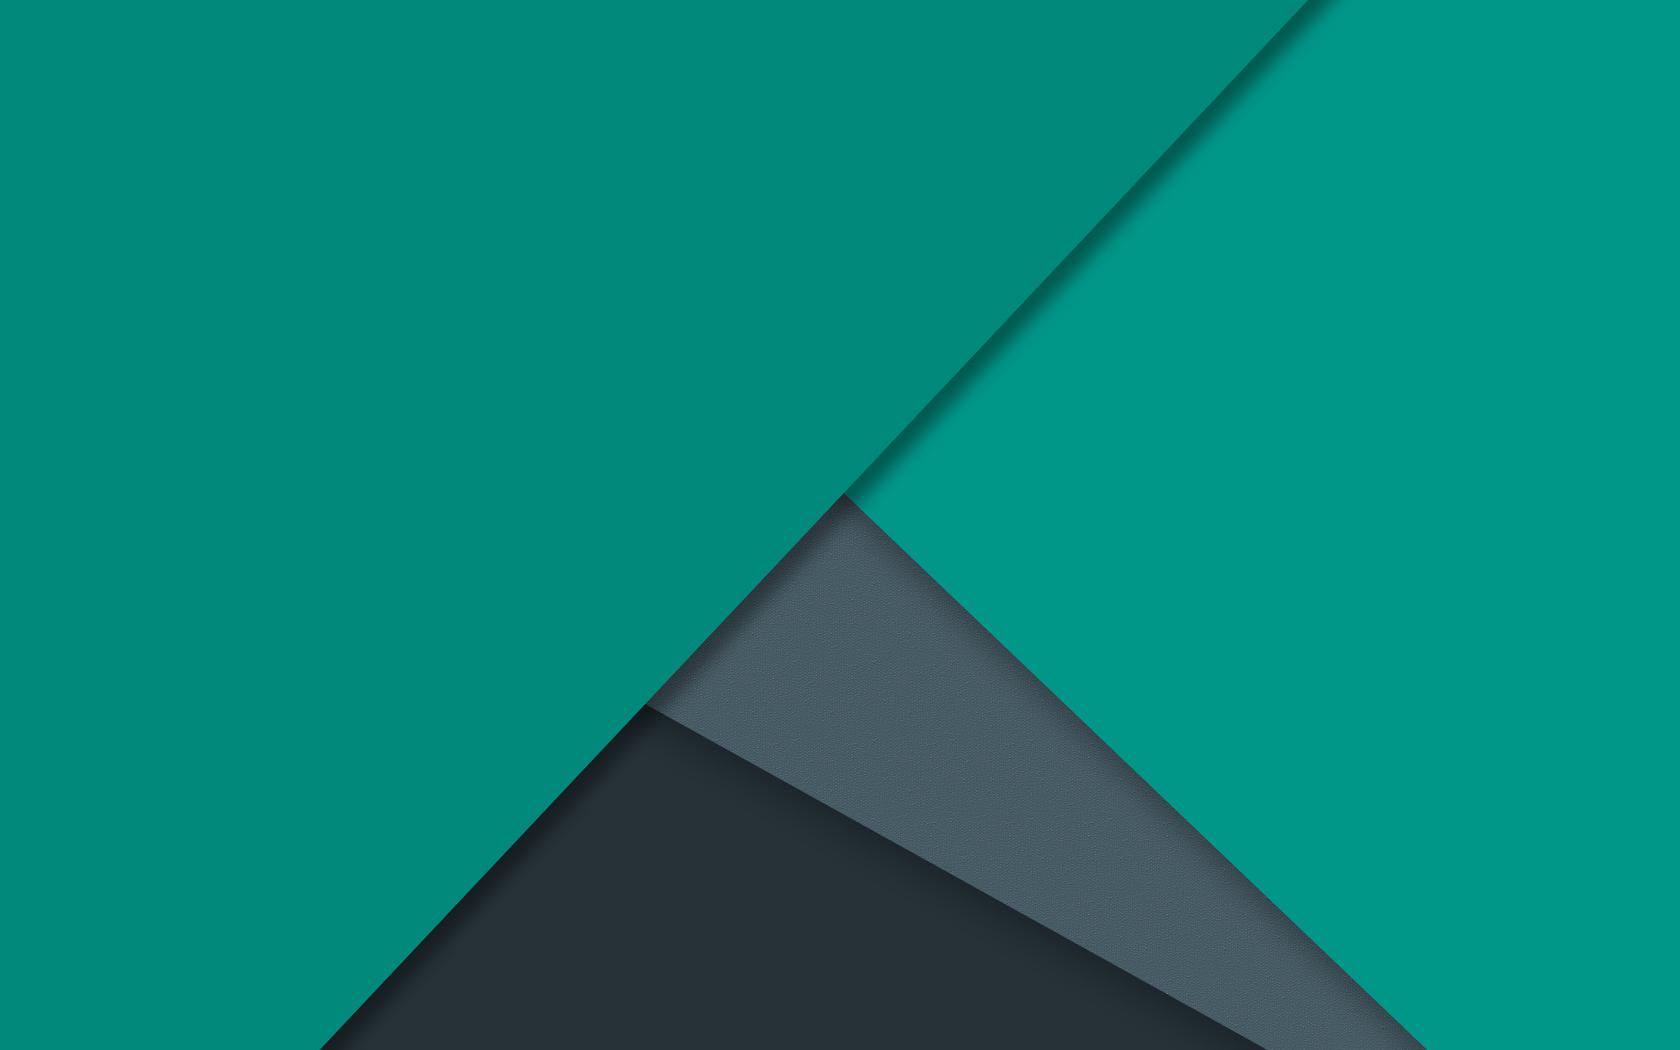 dark-green-material-design-gc.jpg